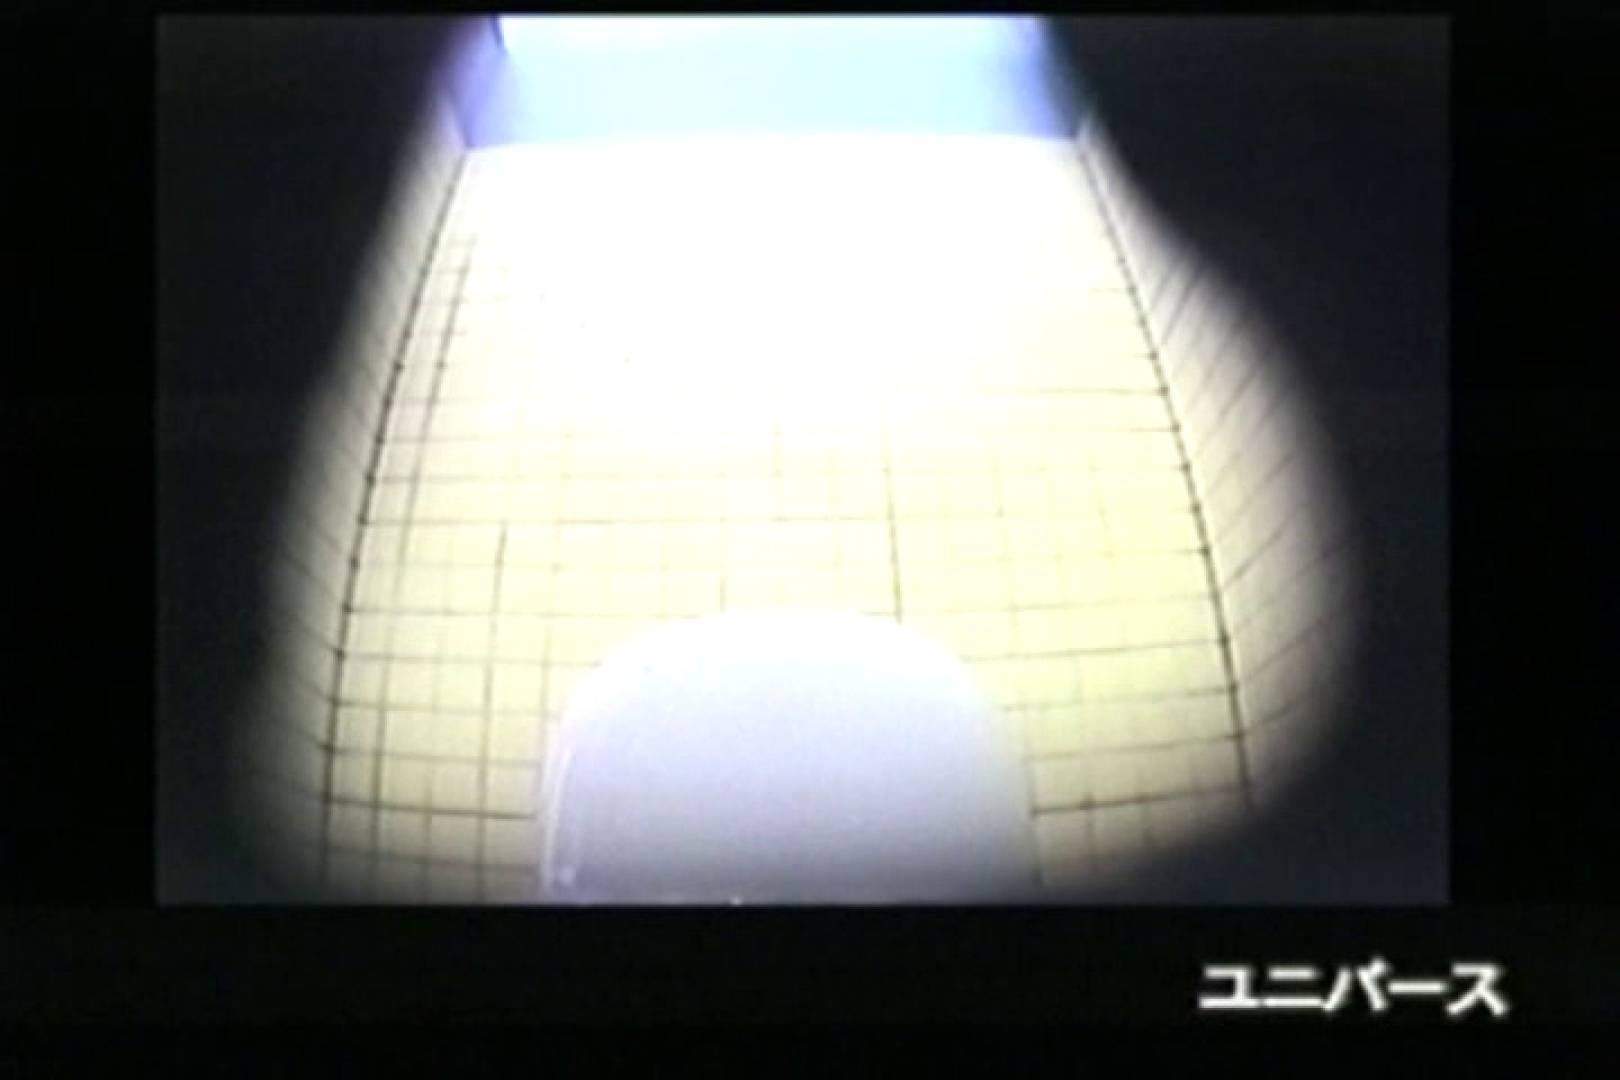 下半身シースルー洗面所Vol.4 OLヌード天国  91PIX 12